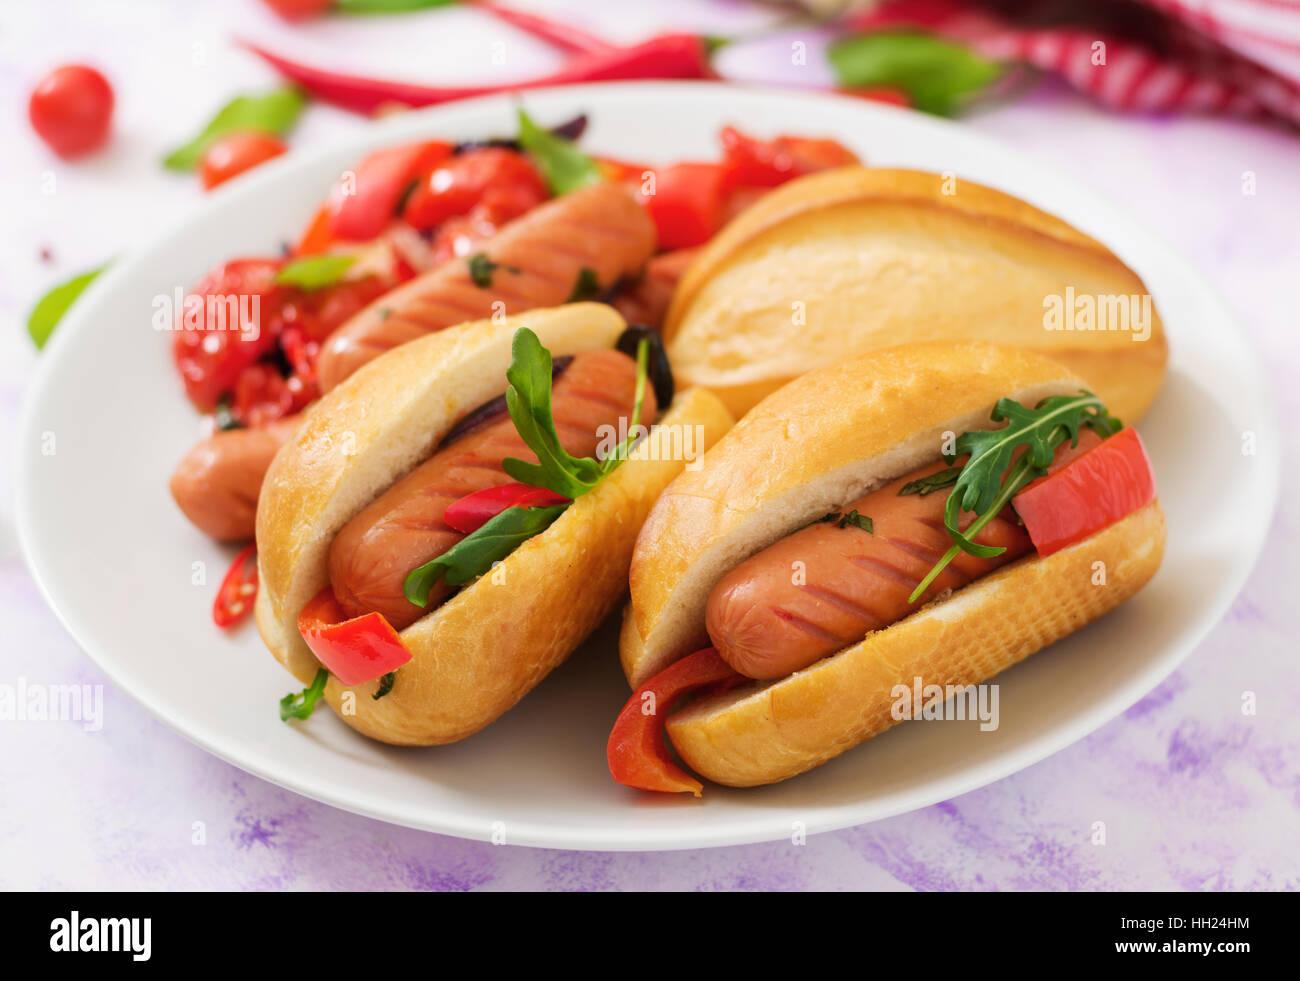 Hot-dog avec des saucisses et des légumes dans le style grec. Photo Stock